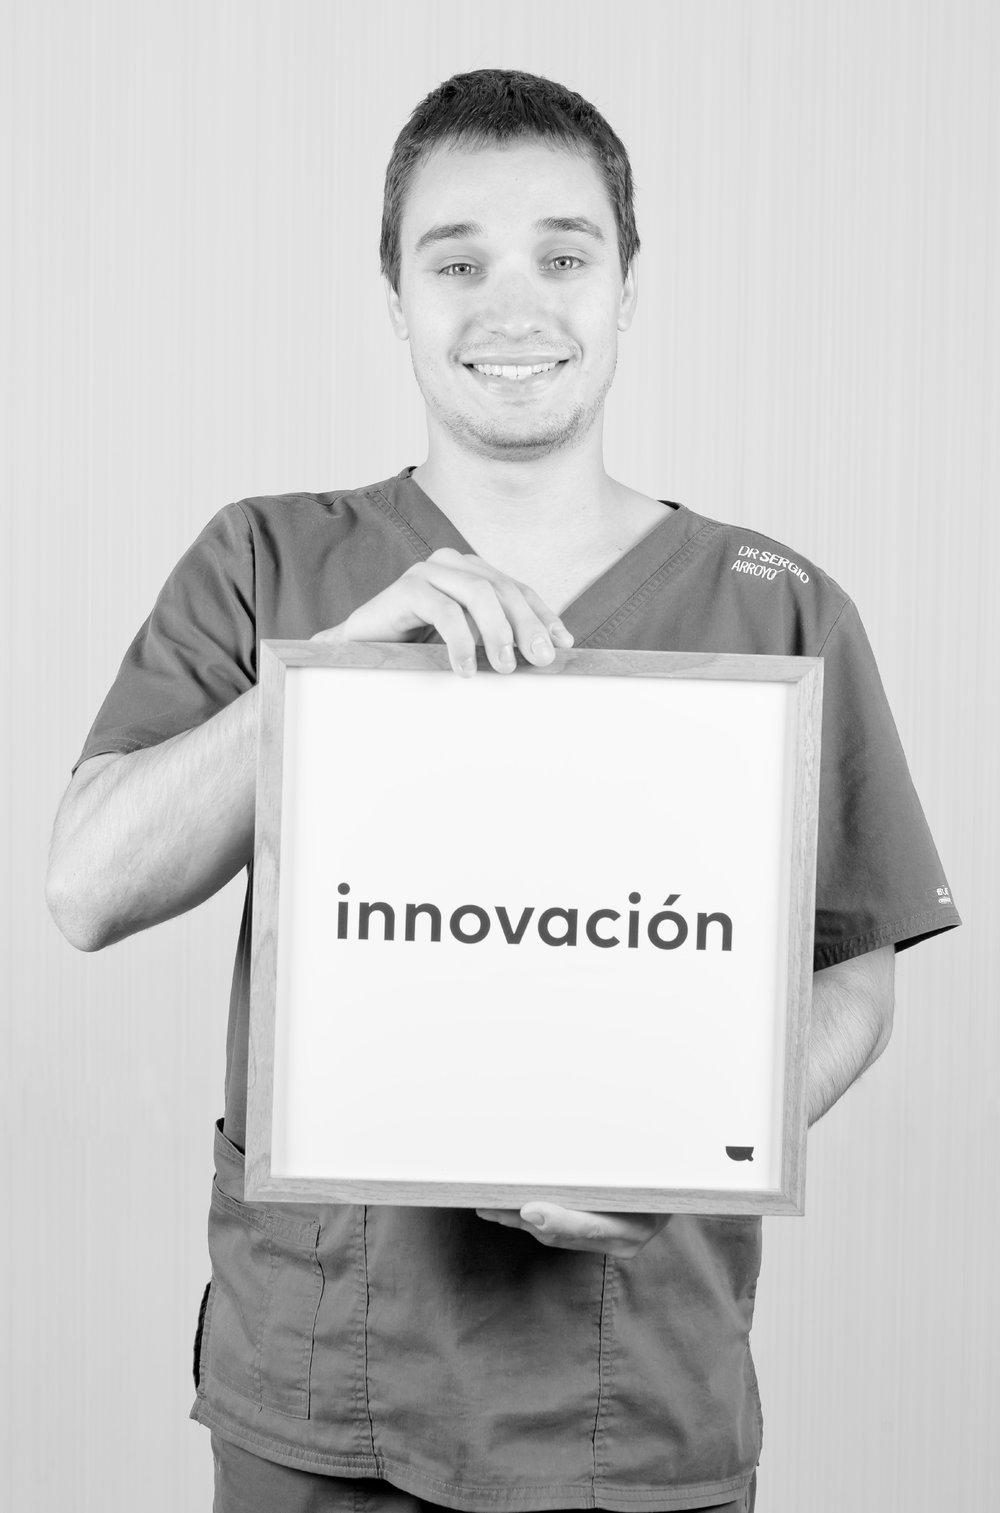 Dr. Sergio Arroyo - Sergio es Licenciado en odontología por la Universidad de Salamanca. Diplomado universitario en implantología clínica: técnicas quirúrgicas y procedimientos restauradores. También posee el título universitario de especialista en odontología estética y restauradora.